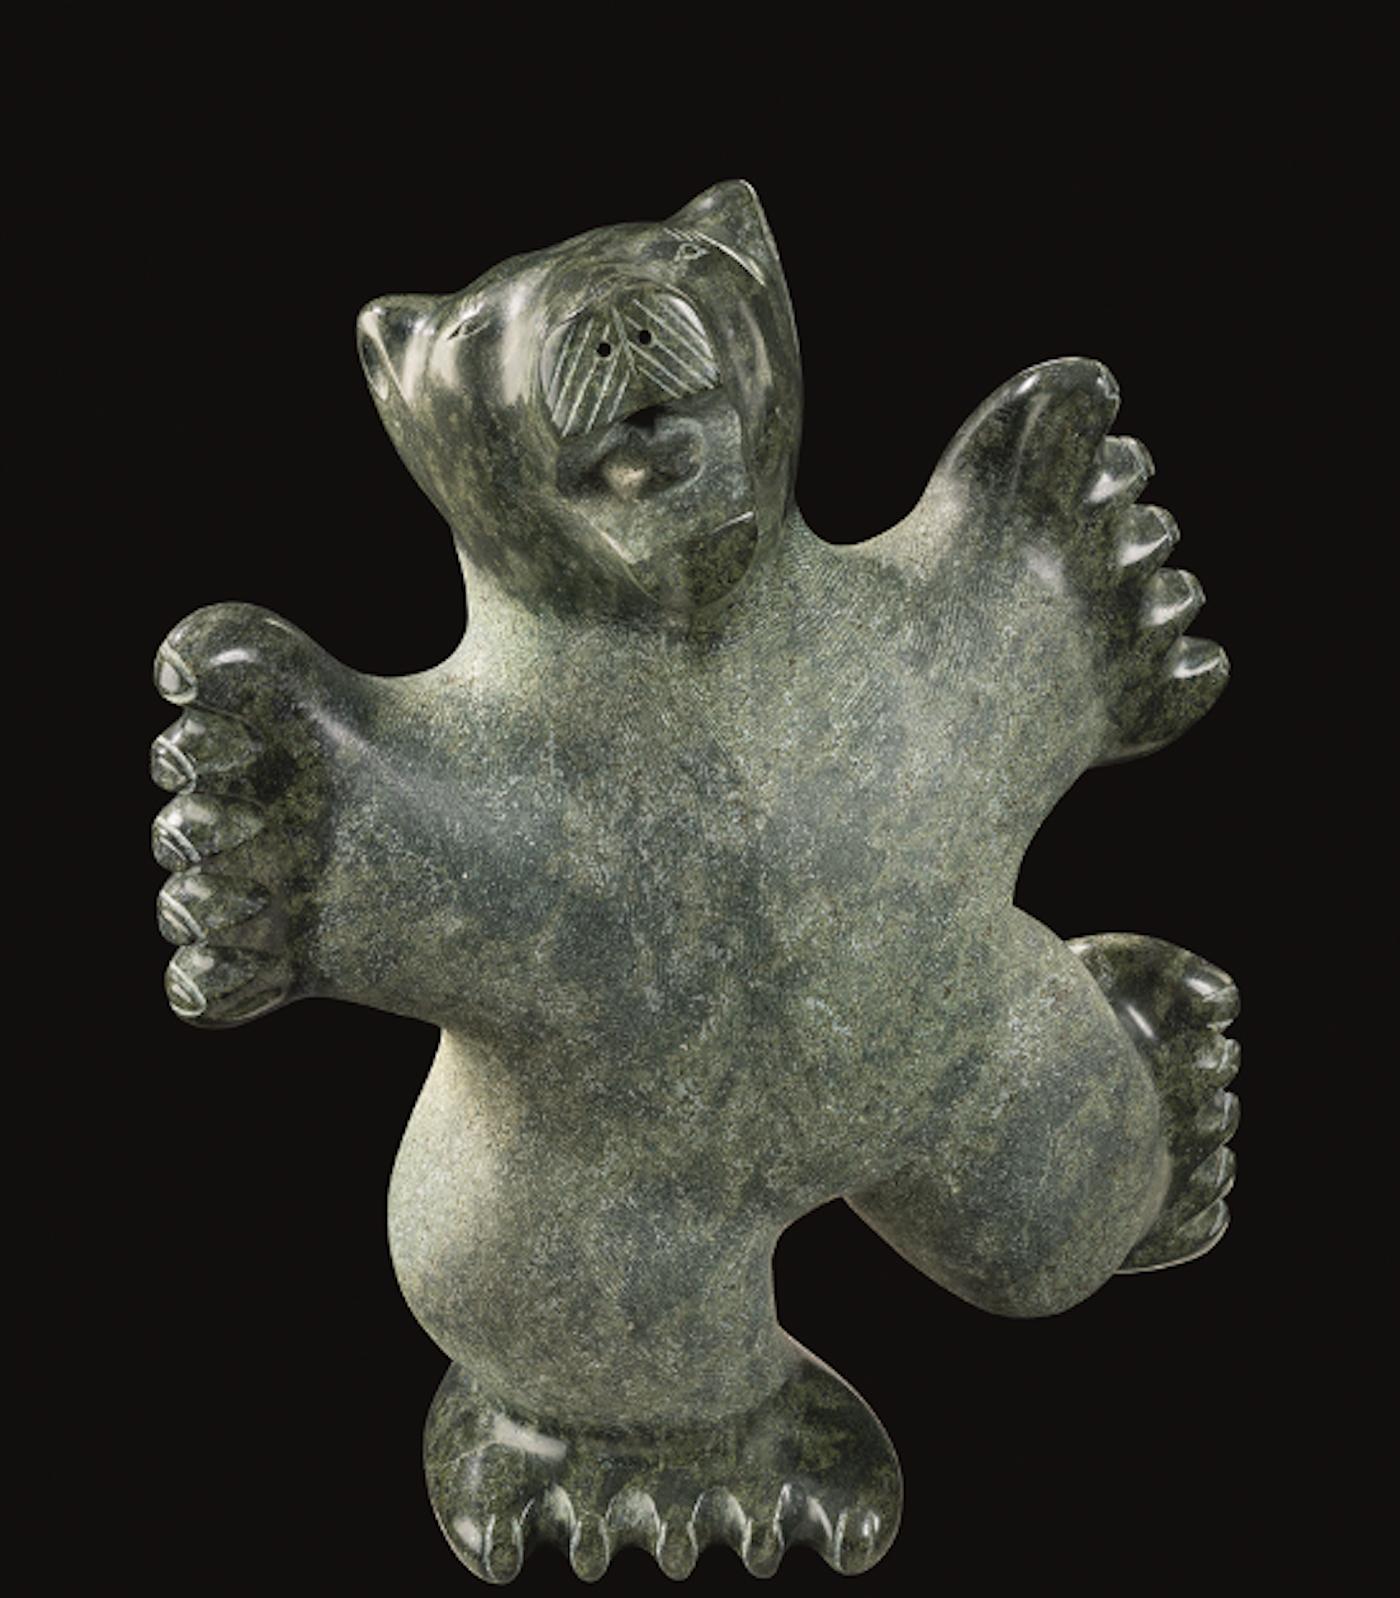 Una statua a forma di orso esposta alla mostra Grand Nord, Art Inuit